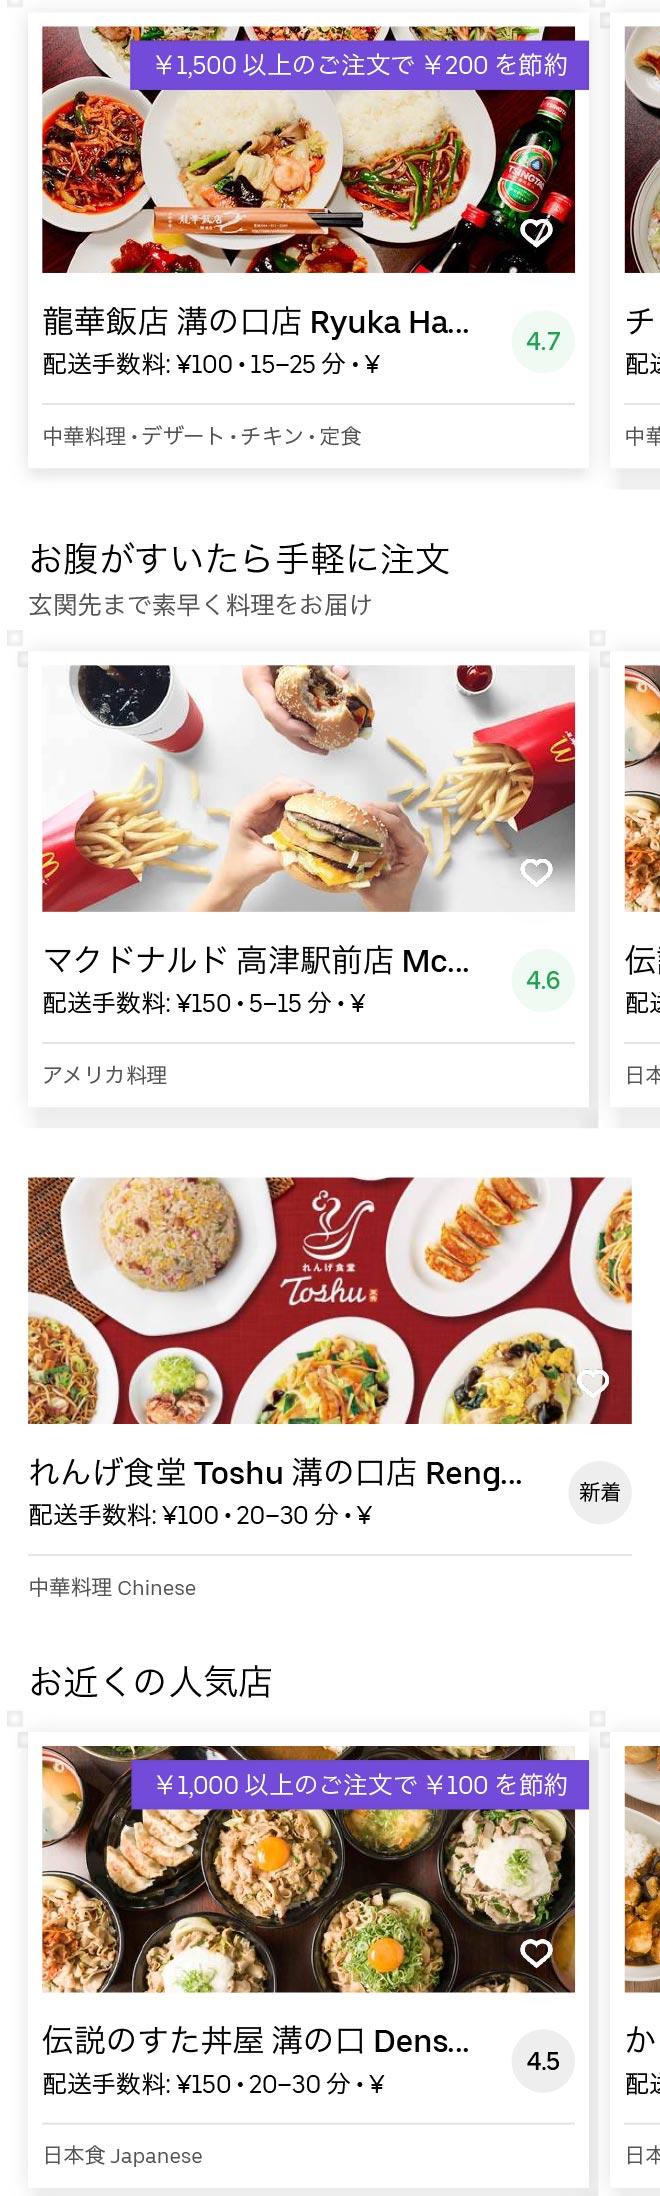 Takatsu menu 2004 01